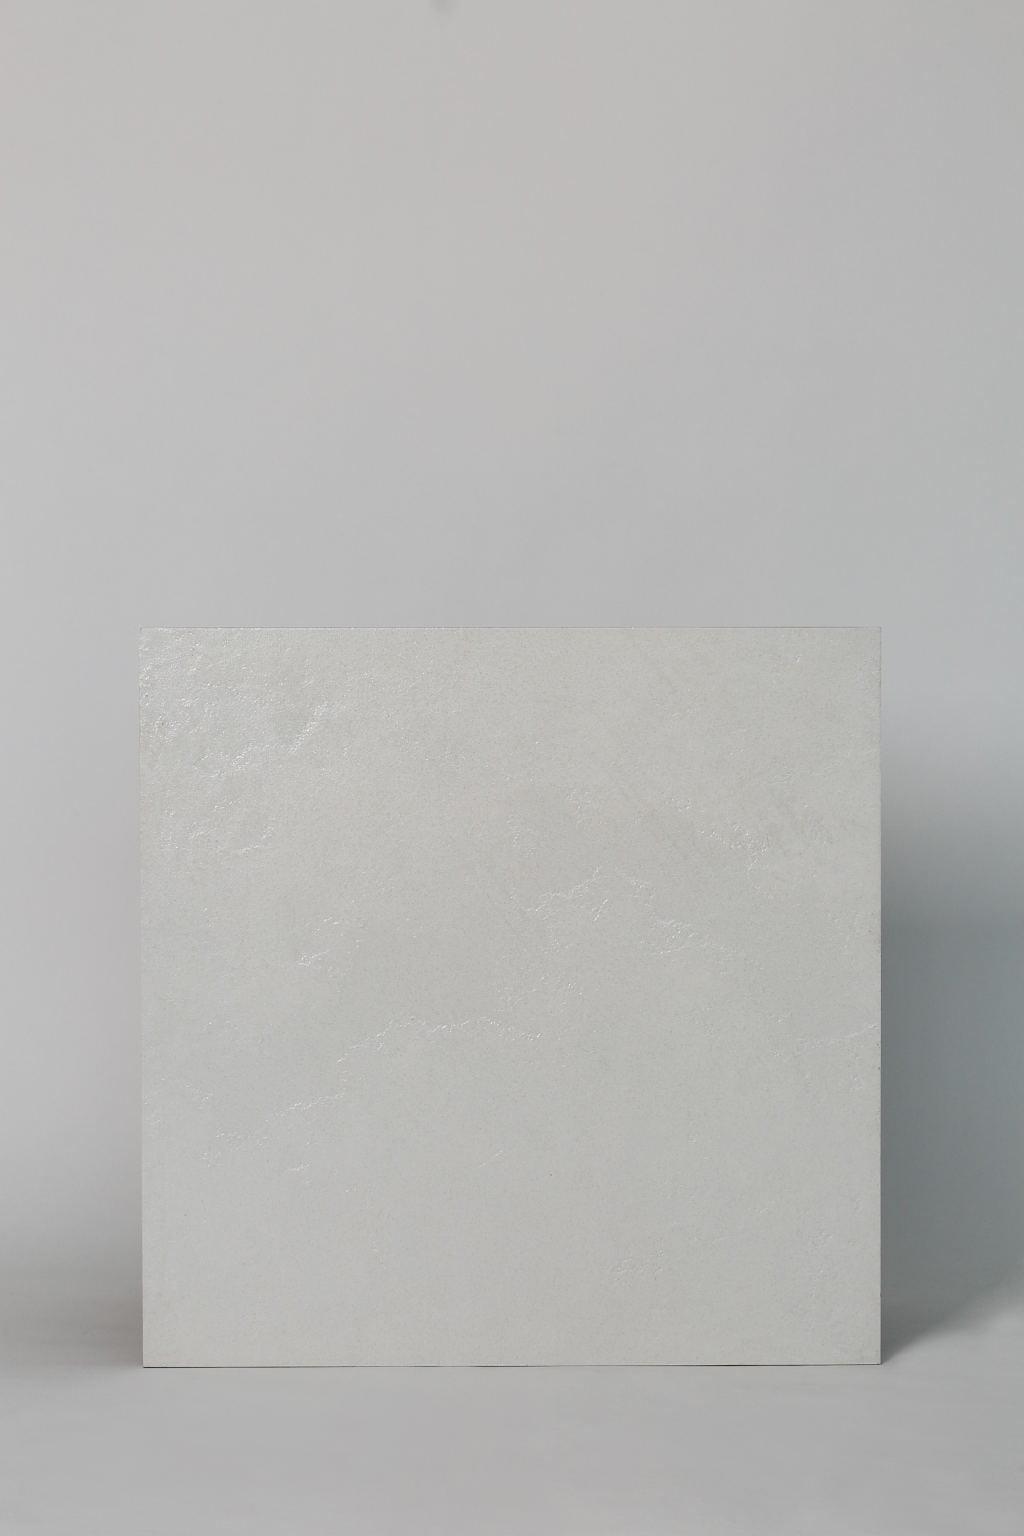 Płytka włoska, gresowa, rektyfikowana, mrozoodporna, podłoga, ściana, półpołysk (lappato), rozmiar 60x60cm - LA FABBRICA Pietra Lavica arenal